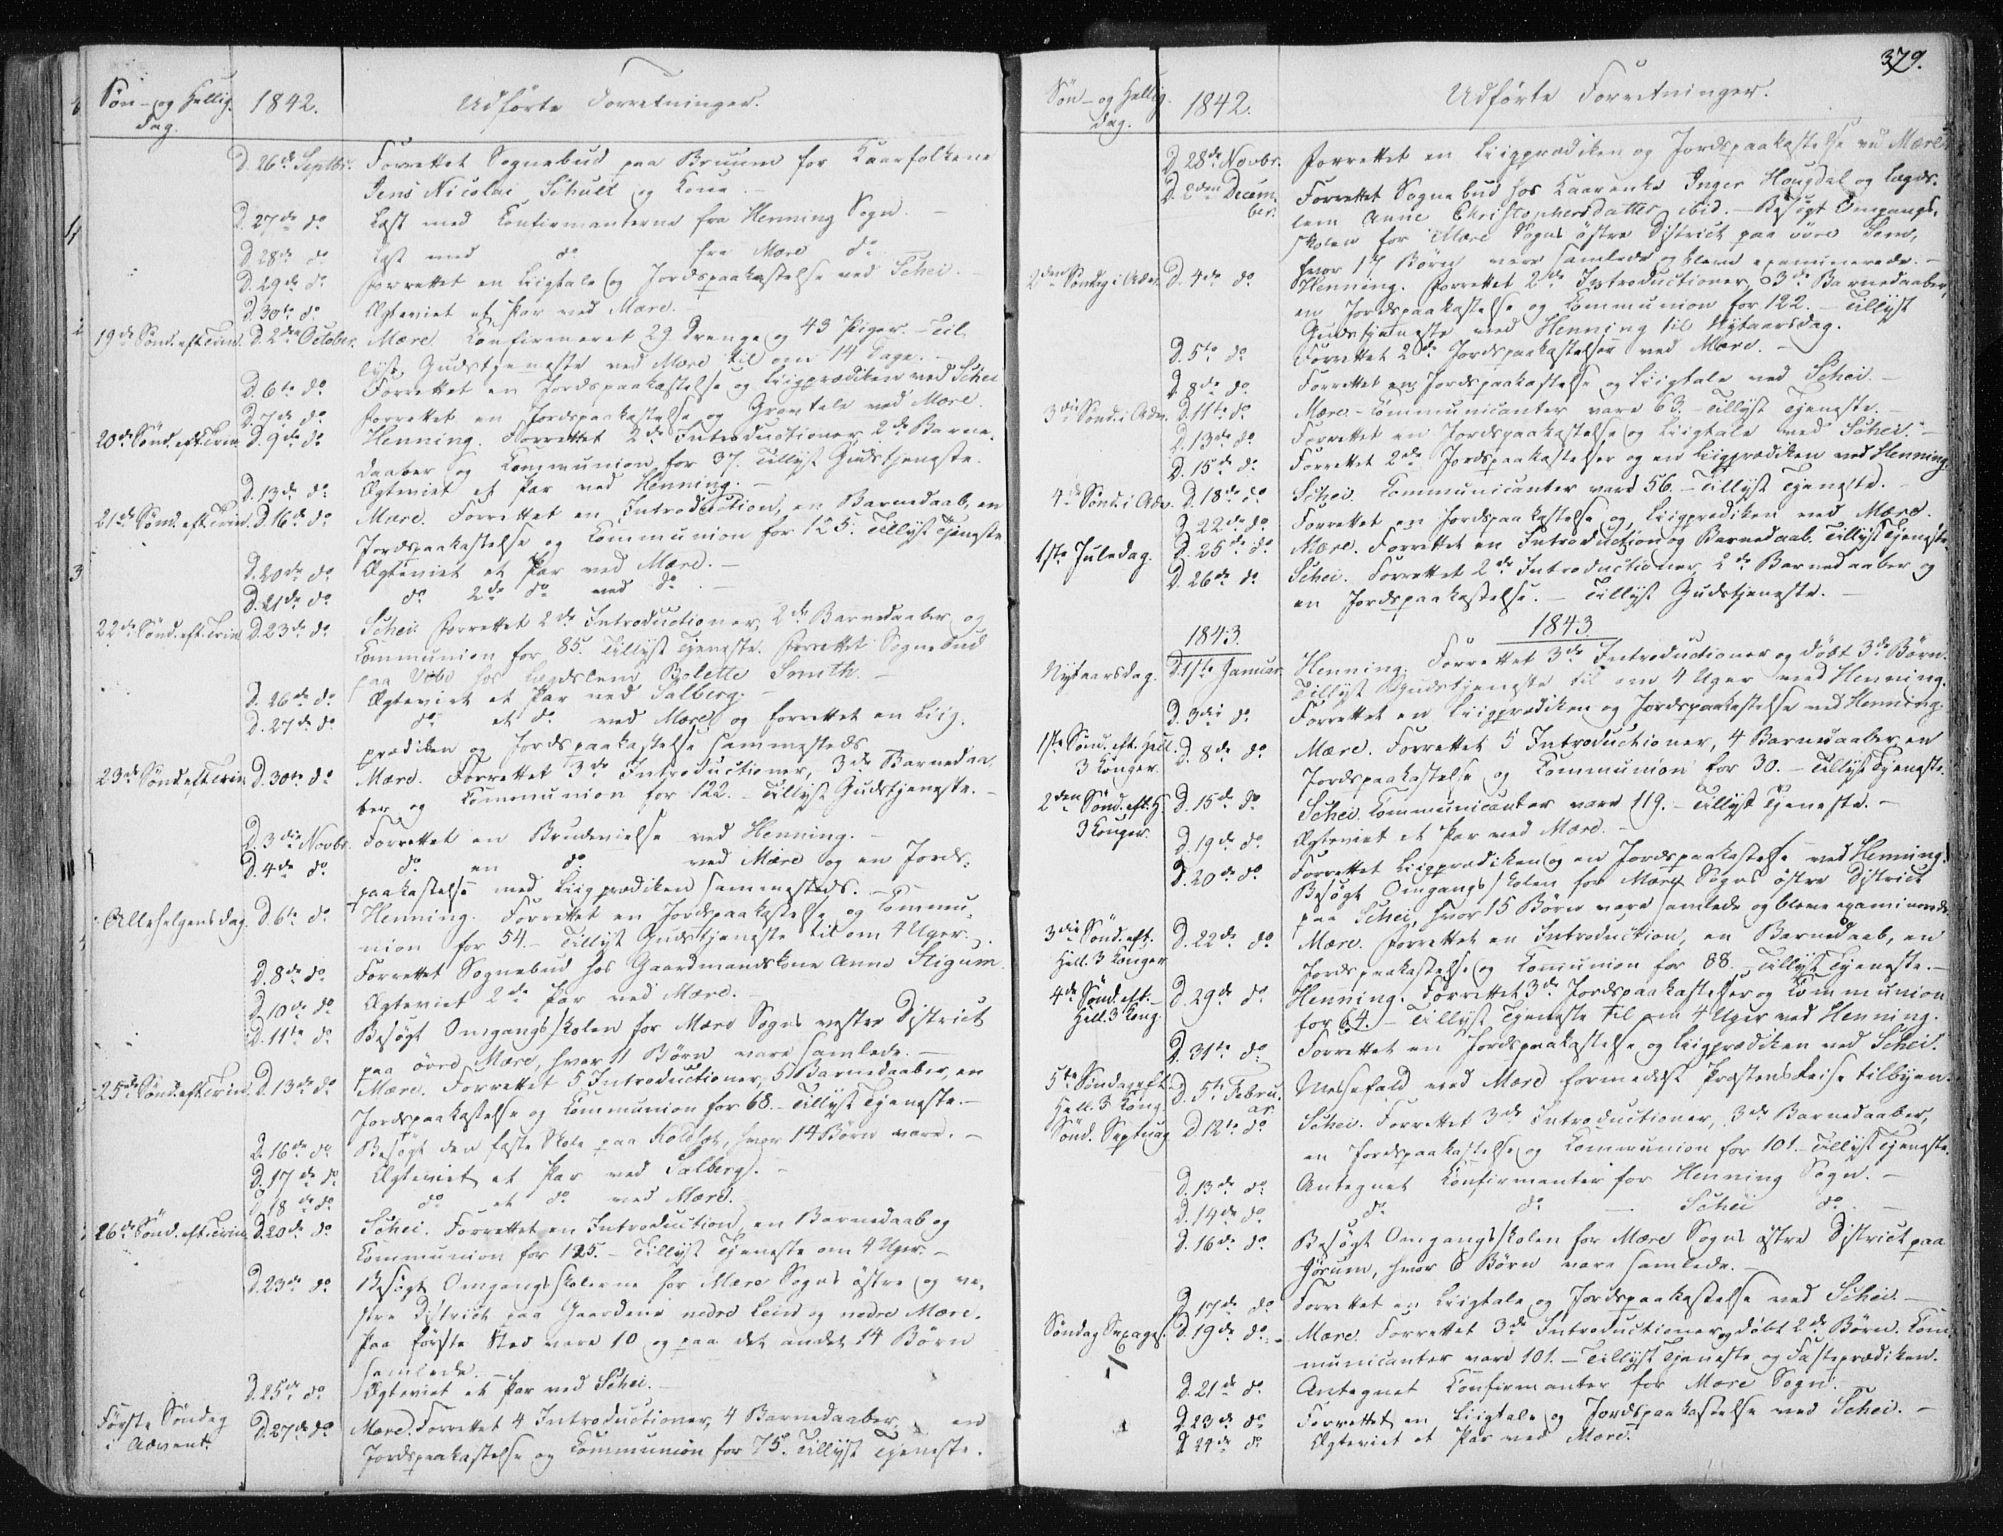 SAT, Ministerialprotokoller, klokkerbøker og fødselsregistre - Nord-Trøndelag, 735/L0339: Ministerialbok nr. 735A06 /1, 1836-1848, s. 379